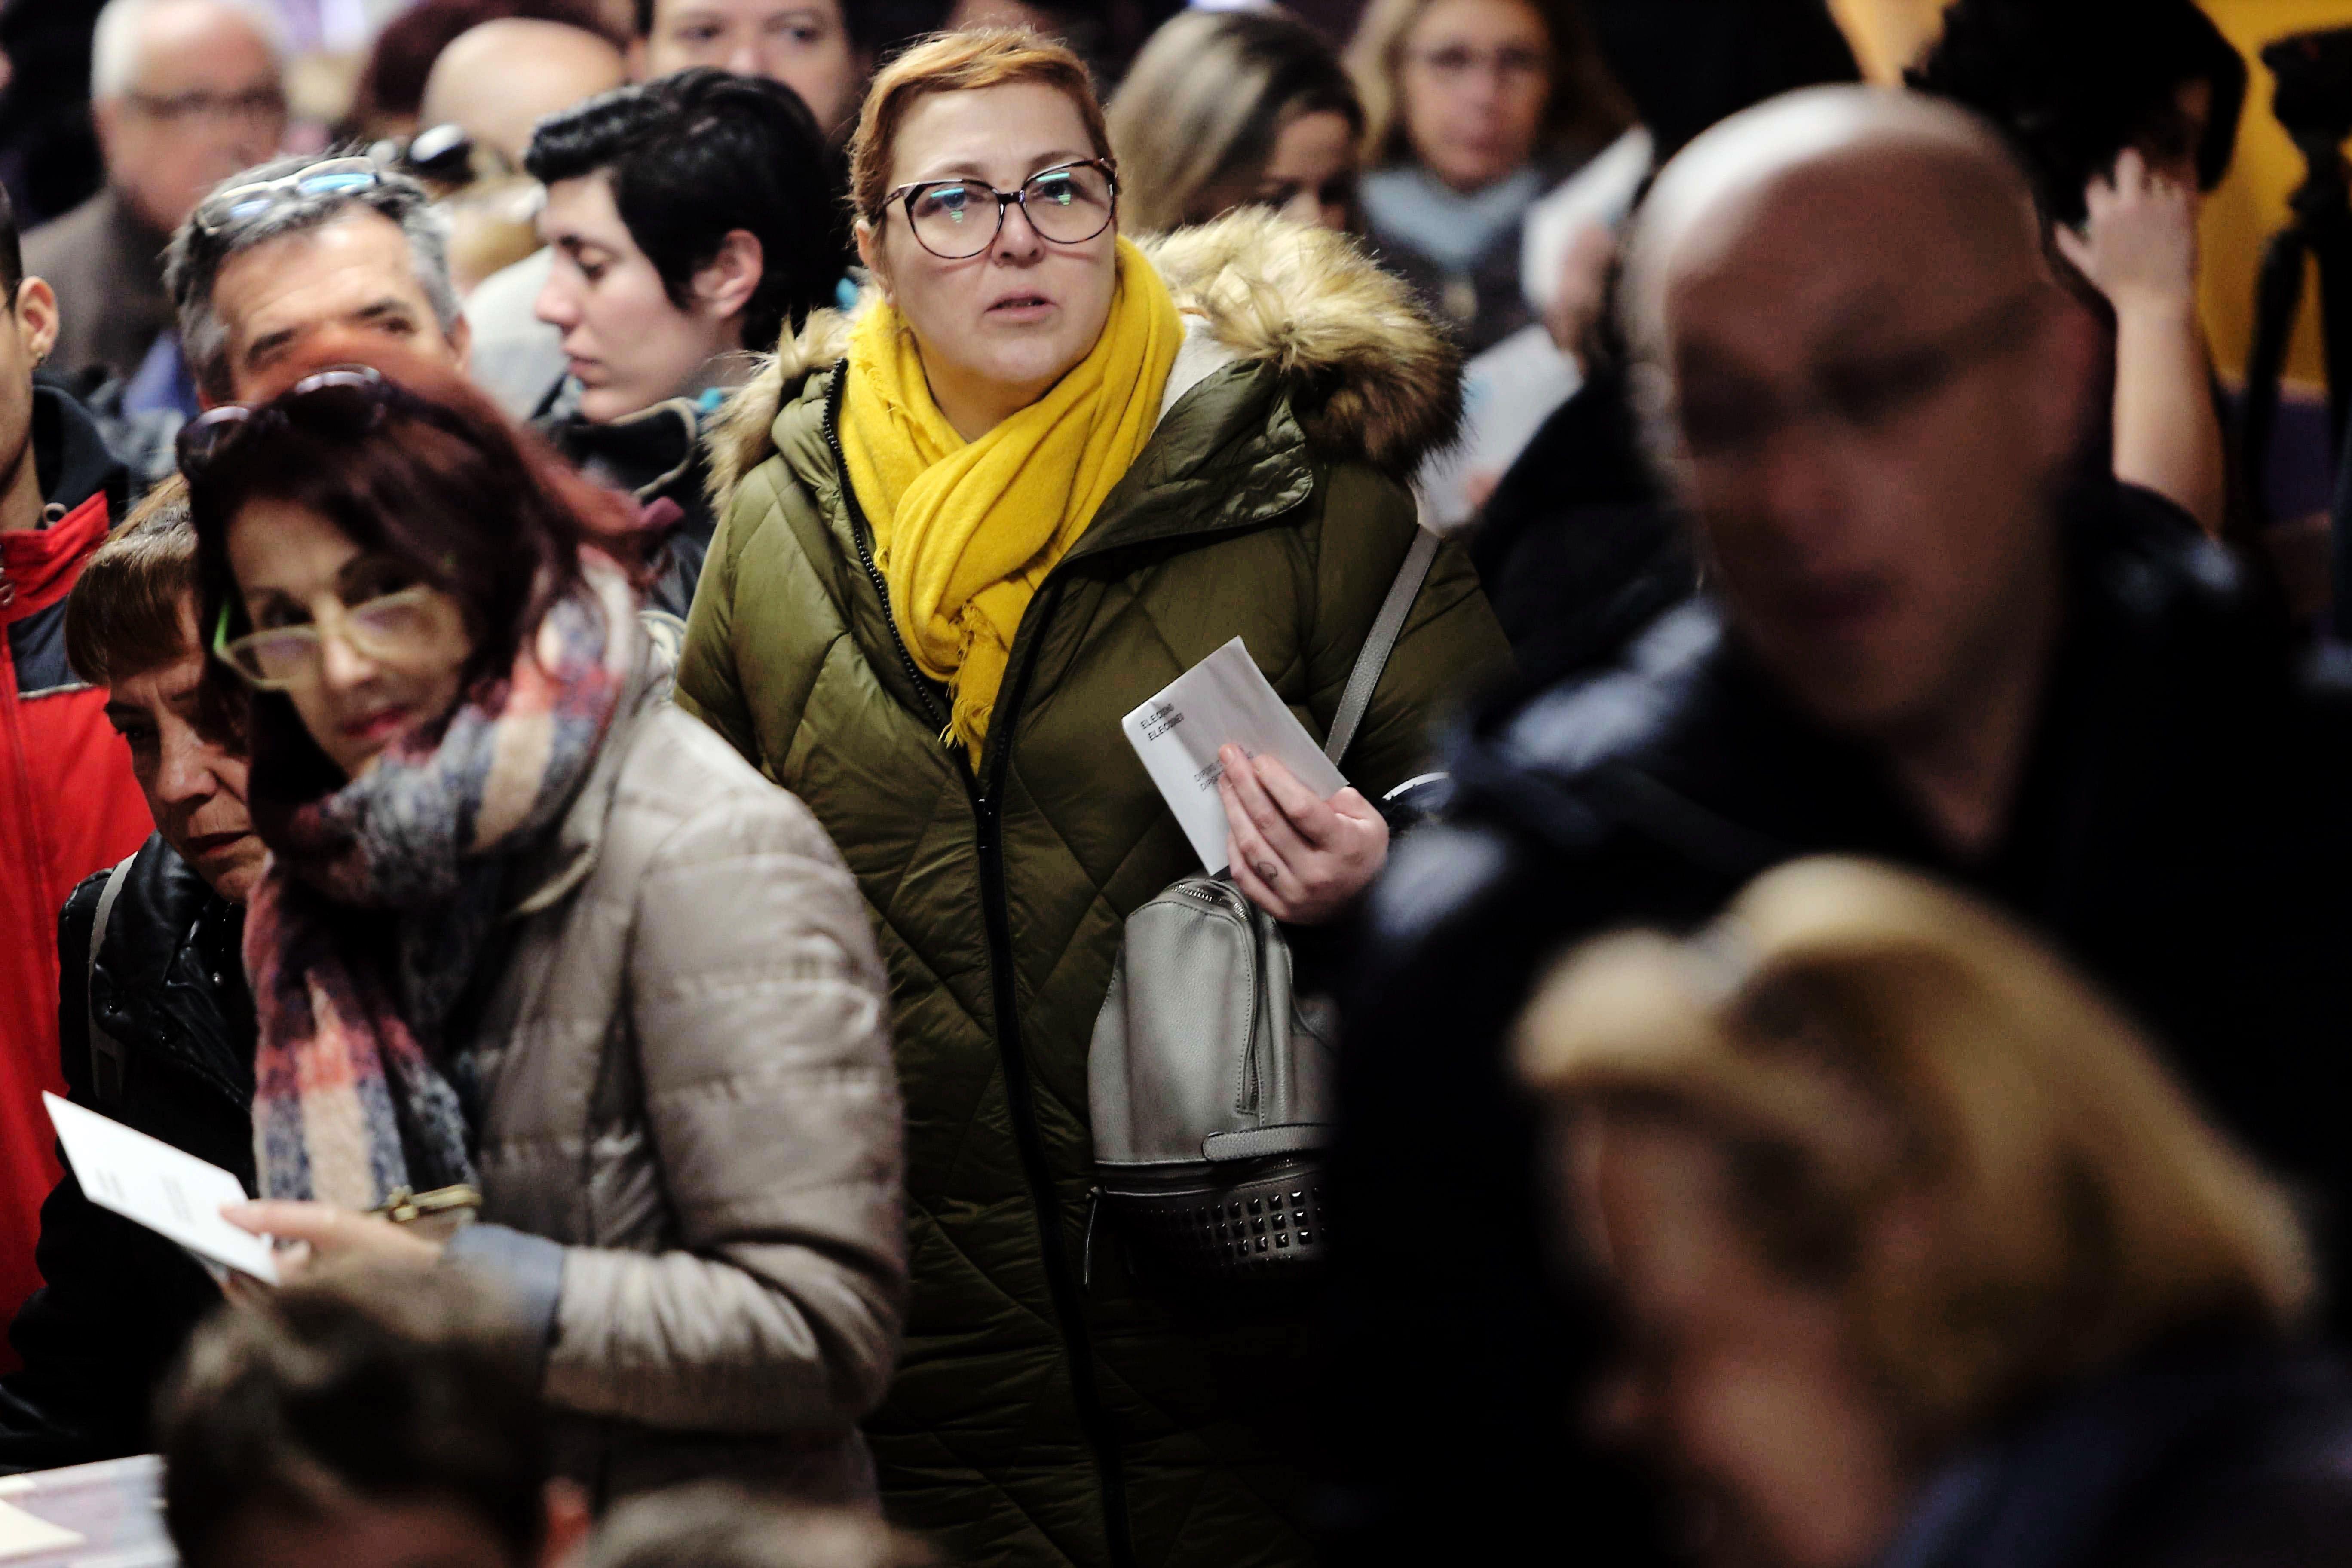 Una dona abrigada amb una bufanda groga espera per dipositar el seu vot en el col·legi electoral Santa Marta de l'Hospitalet de Llobregat. /TONI ALBIR